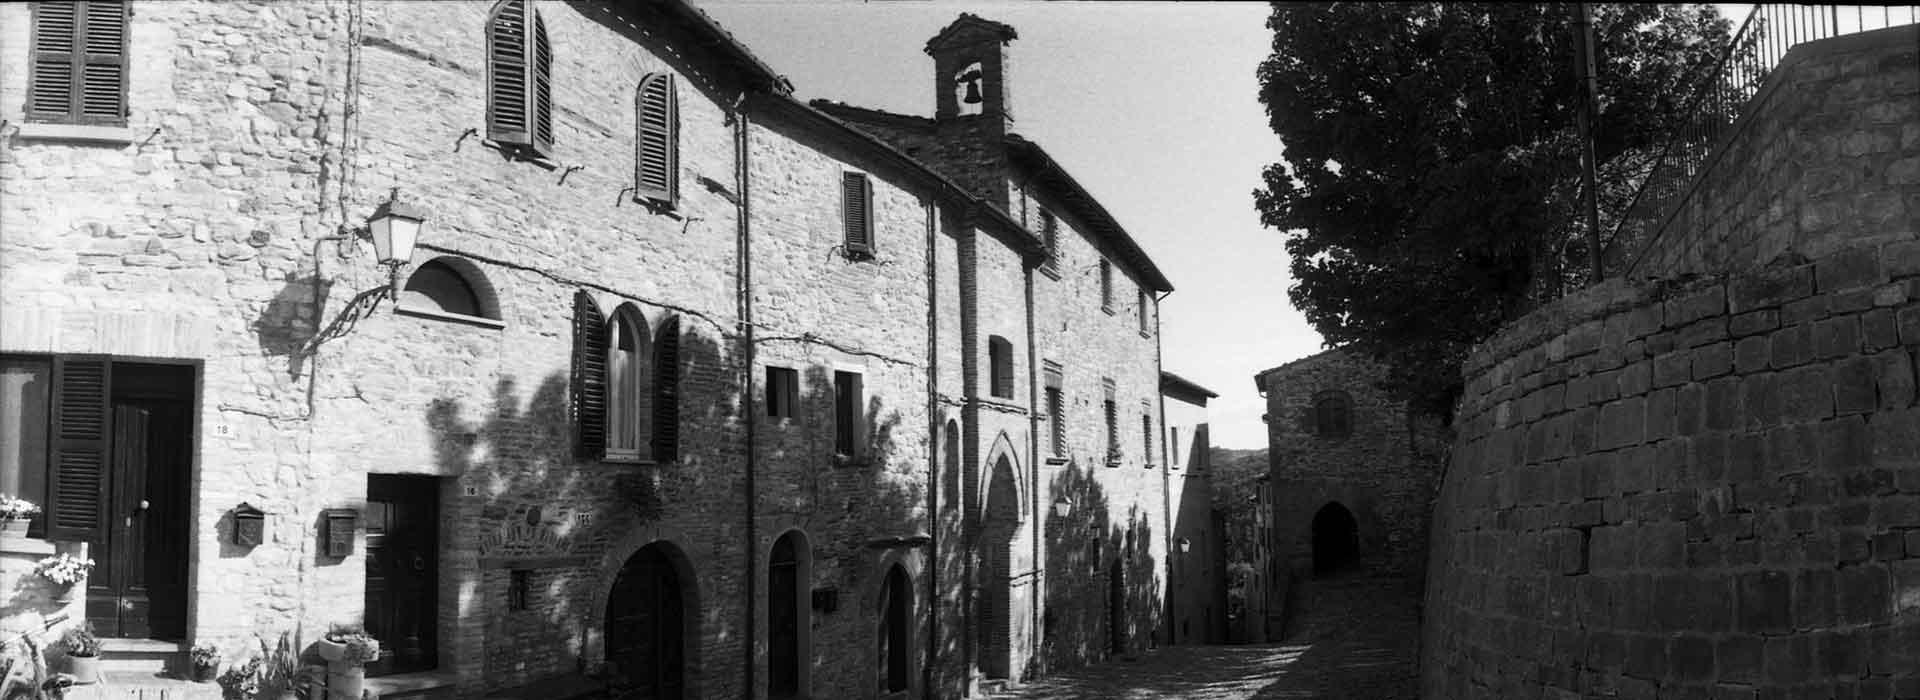 montefeltro-castello